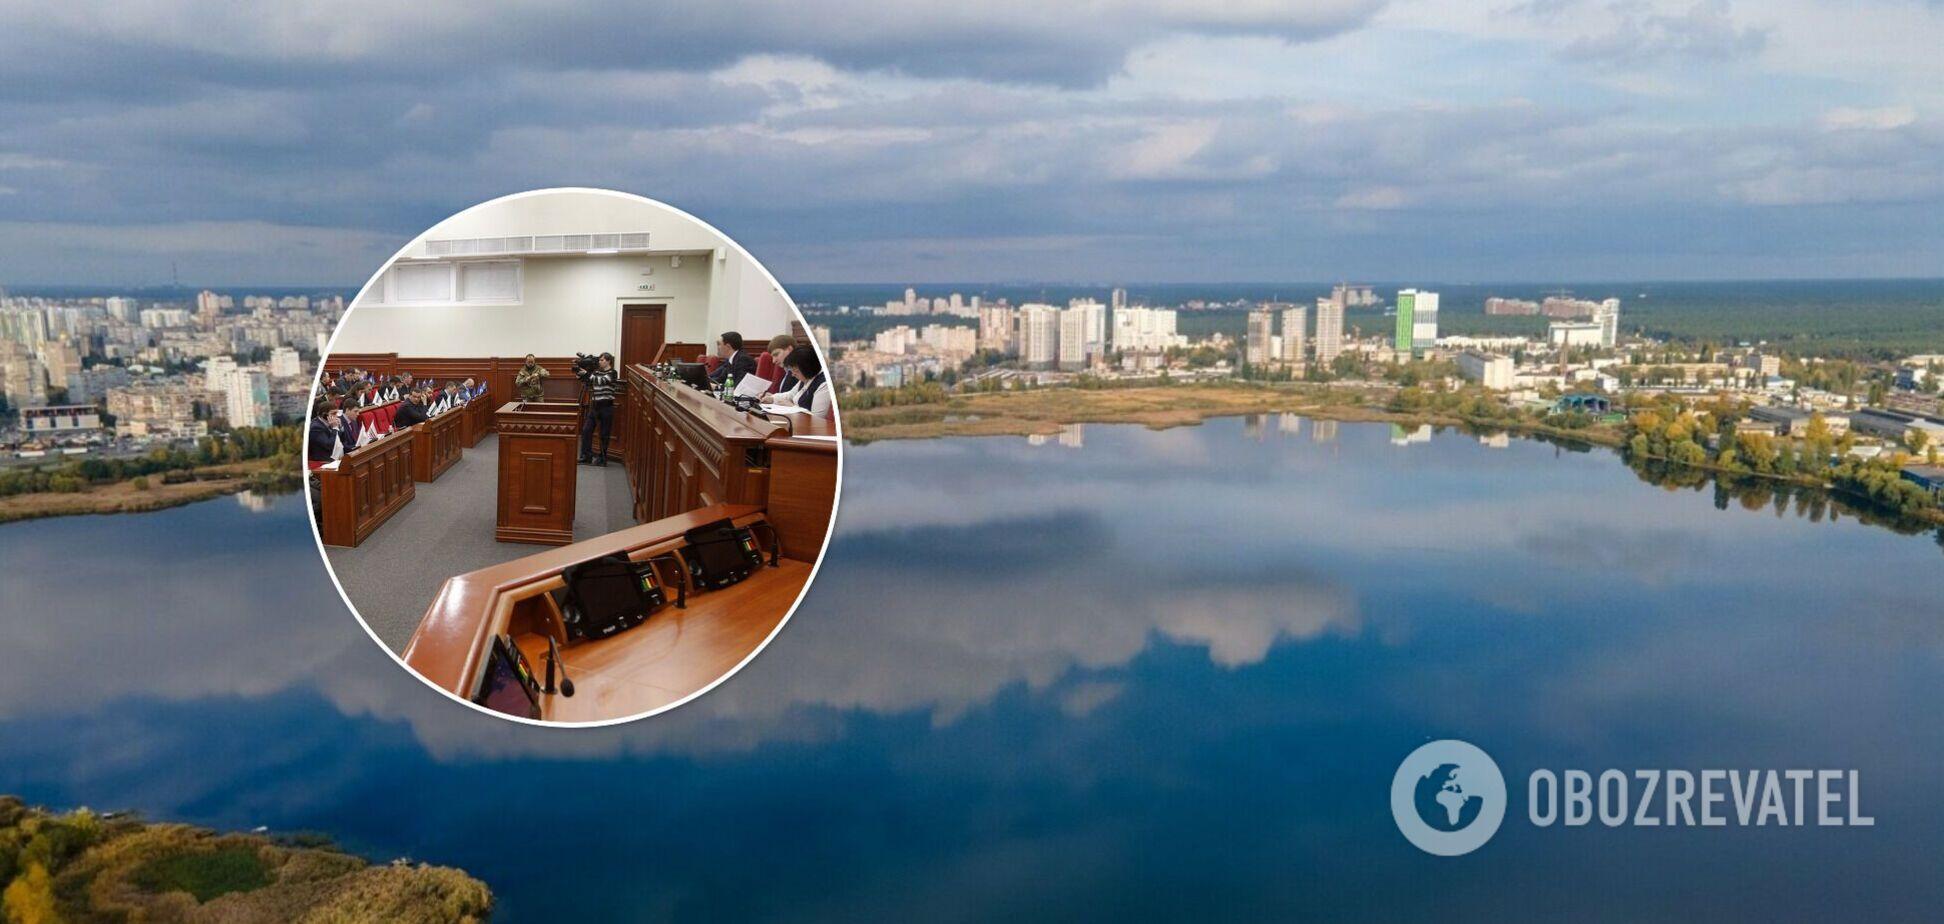 В Вырлице обнаружили кишечную палочку: в Киевсовете обсуждают, как решить вопрос экологии озера